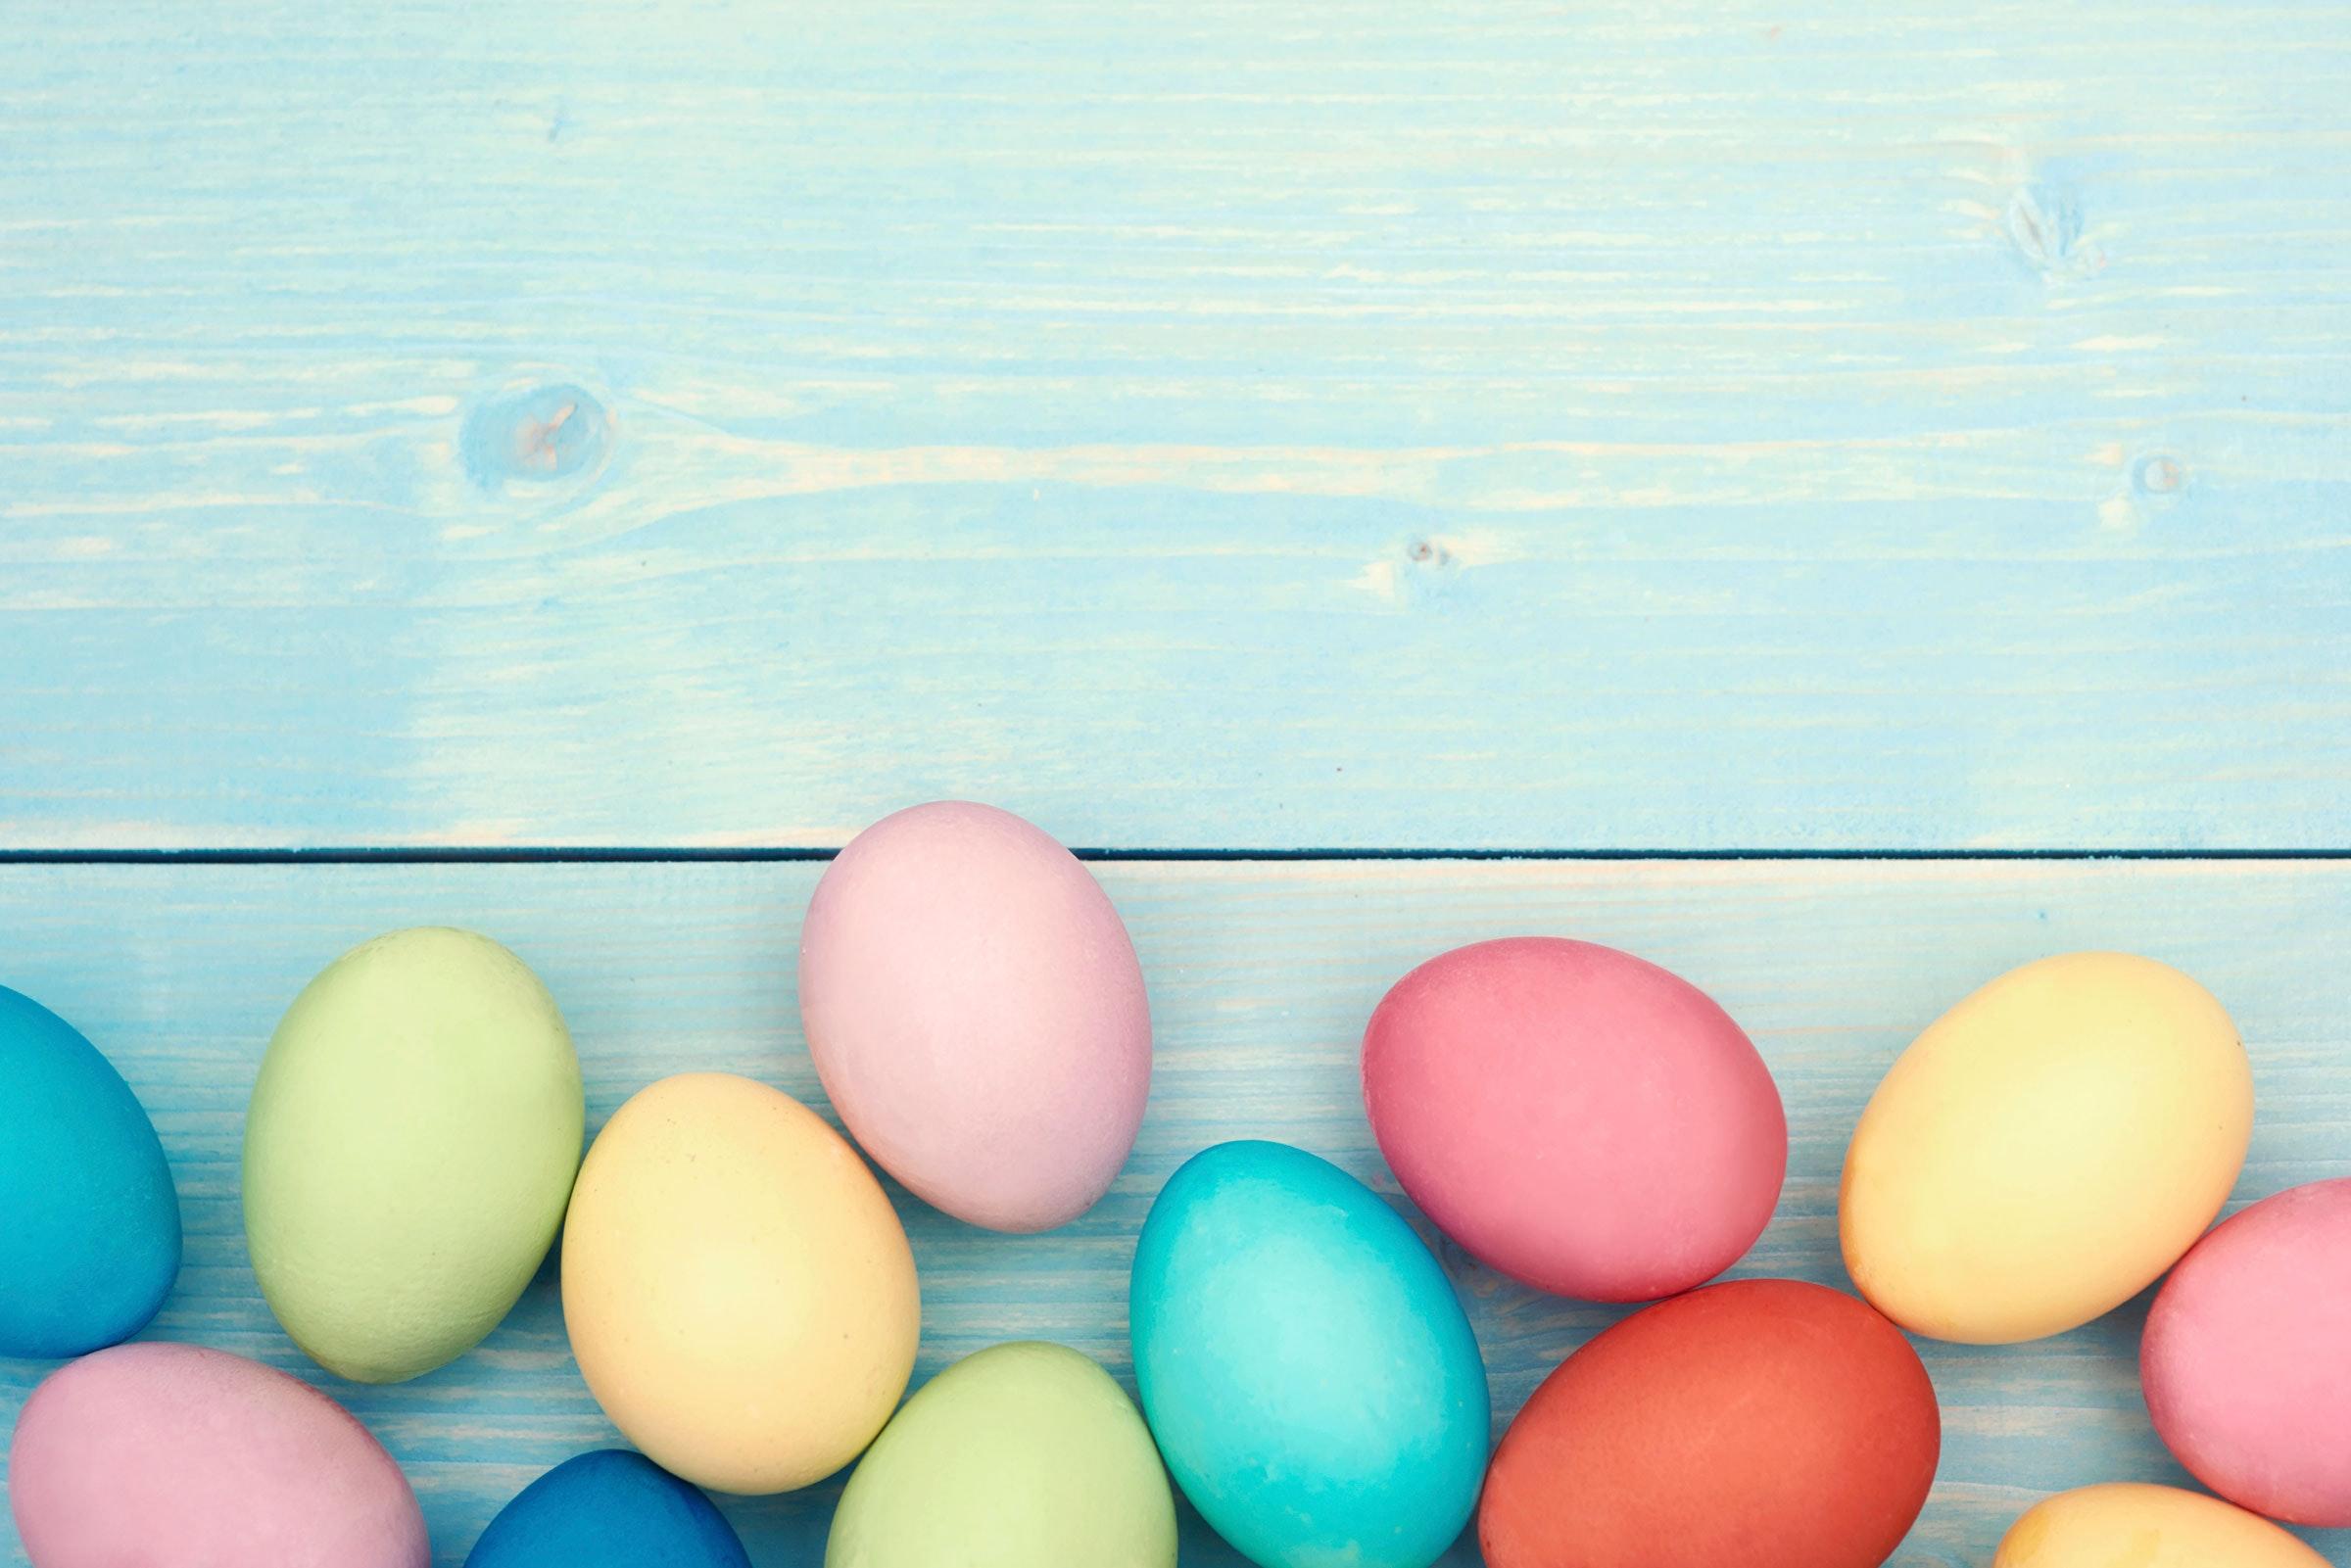 easter-eggs-381699.jpg